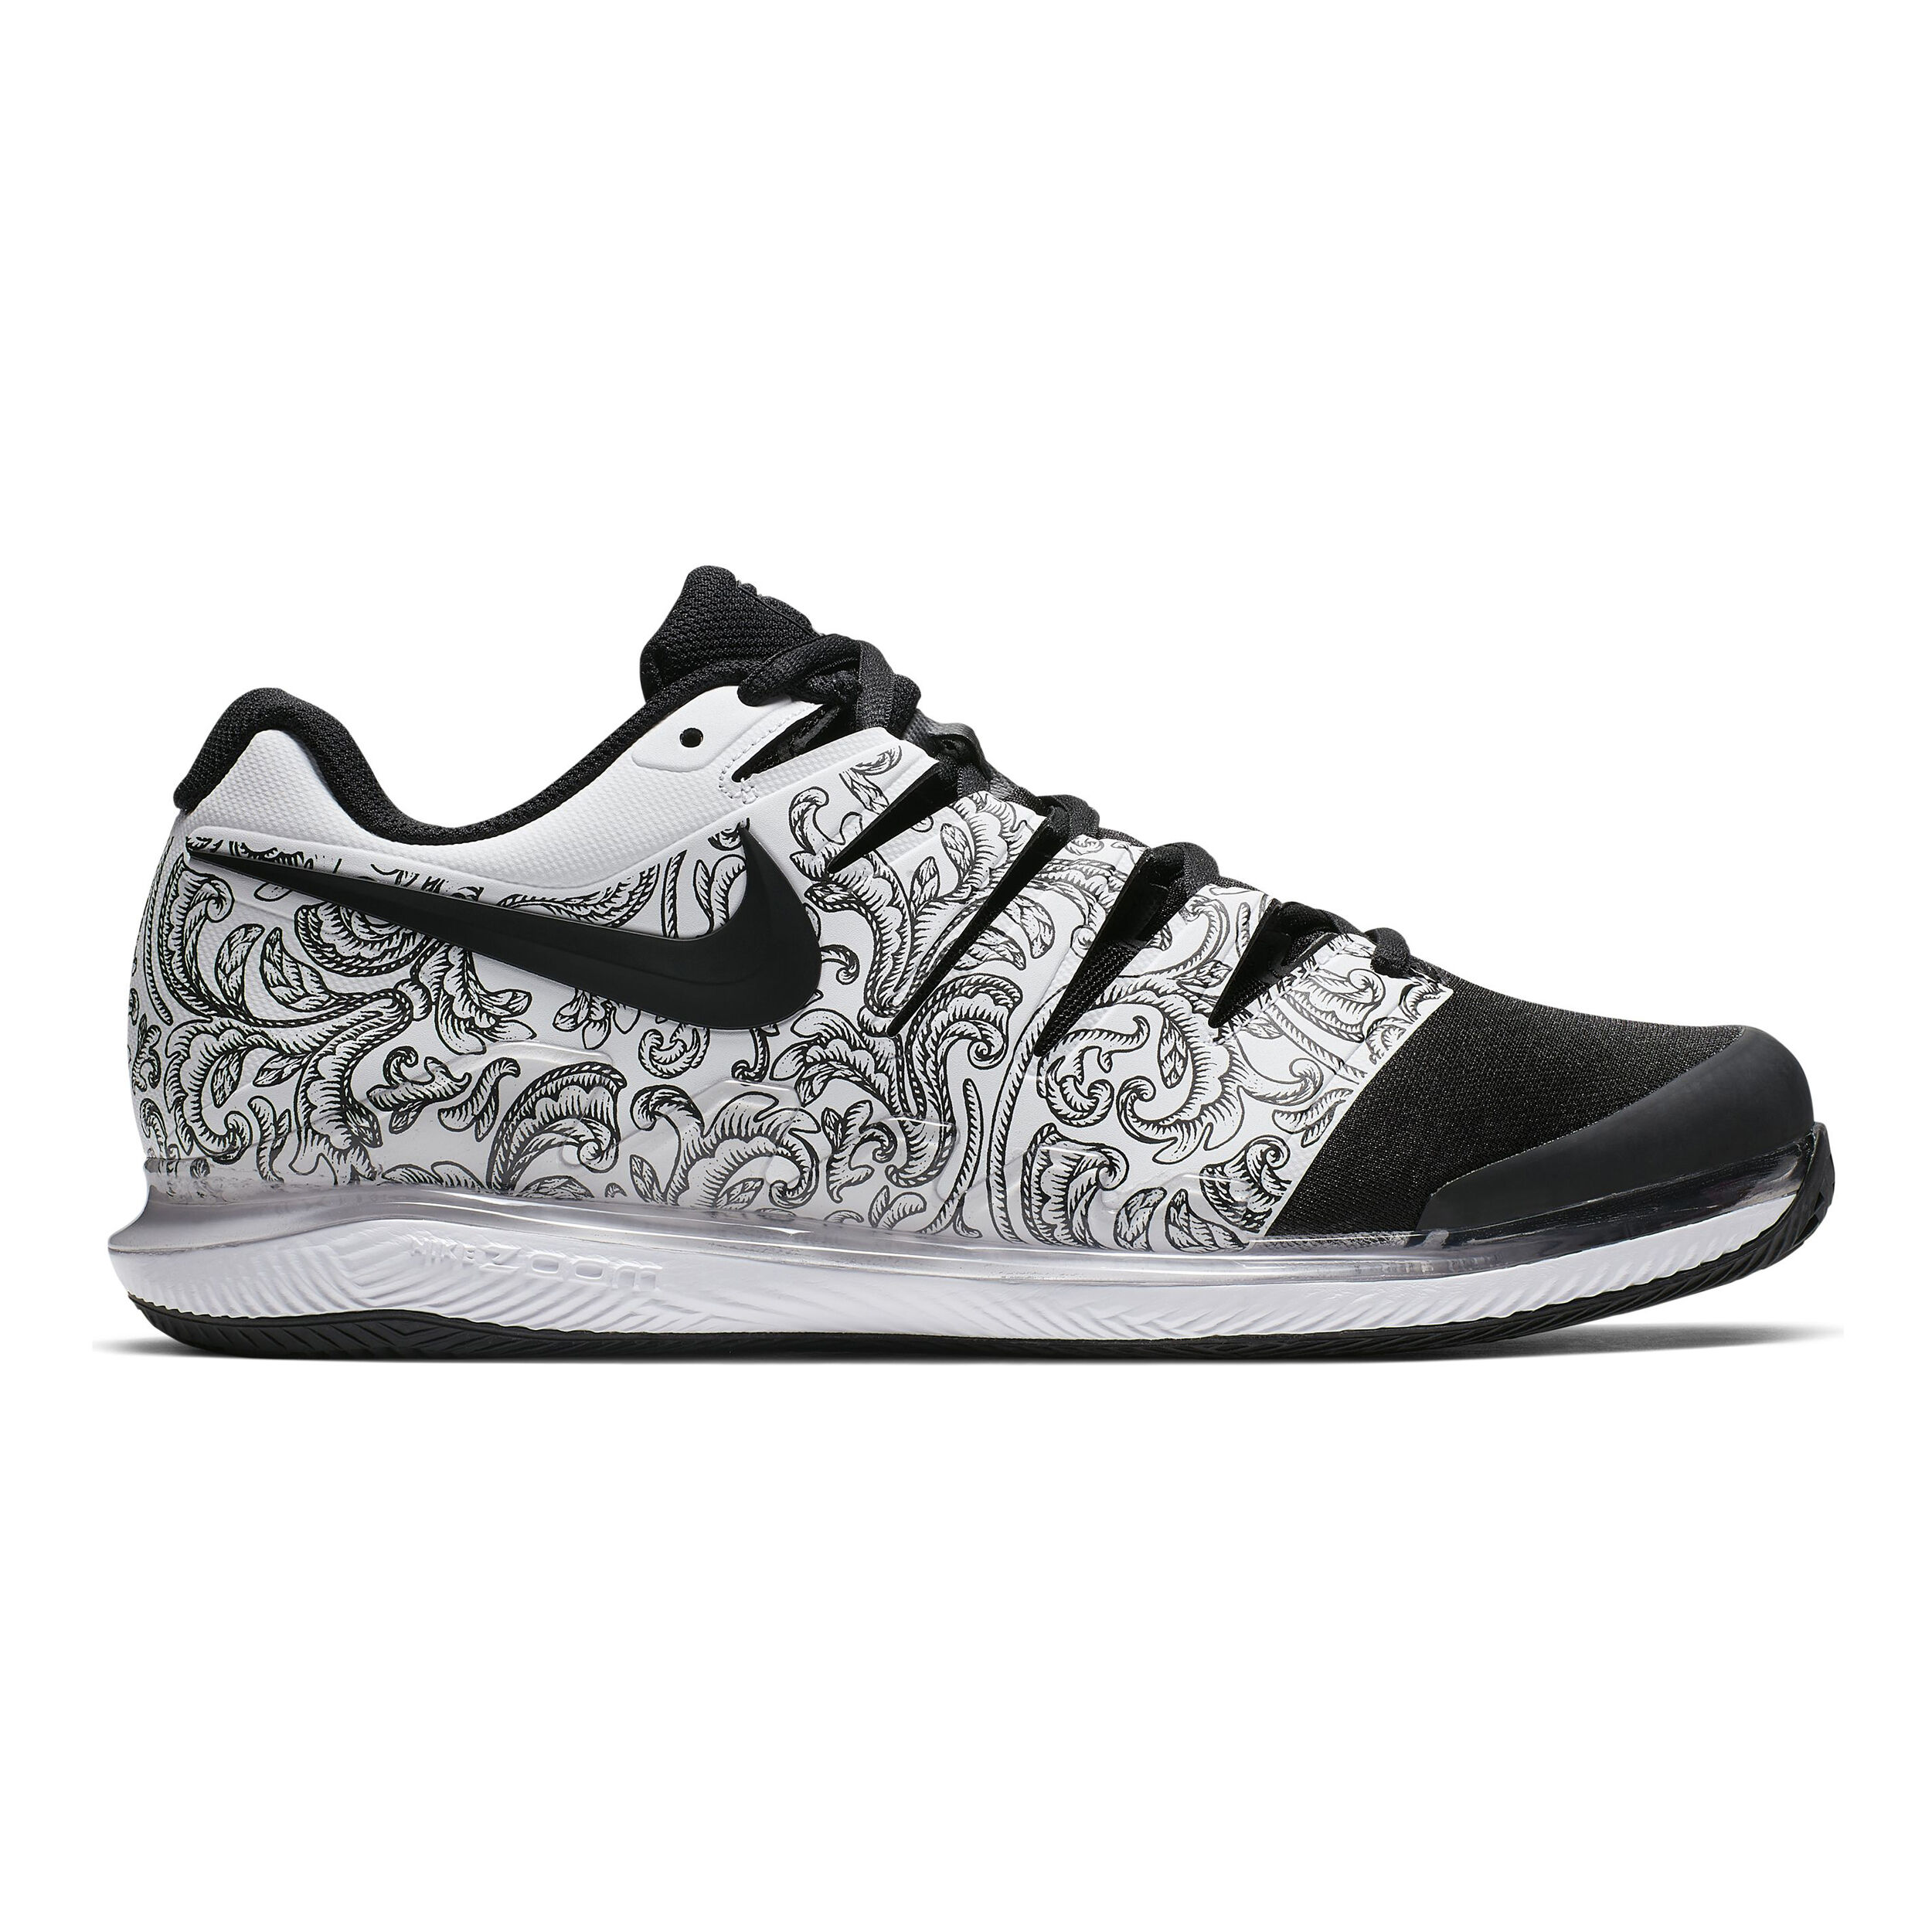 Nike Air Zoom Vapor X Clay Gravelschoen Heren - Wit, Zwart ...